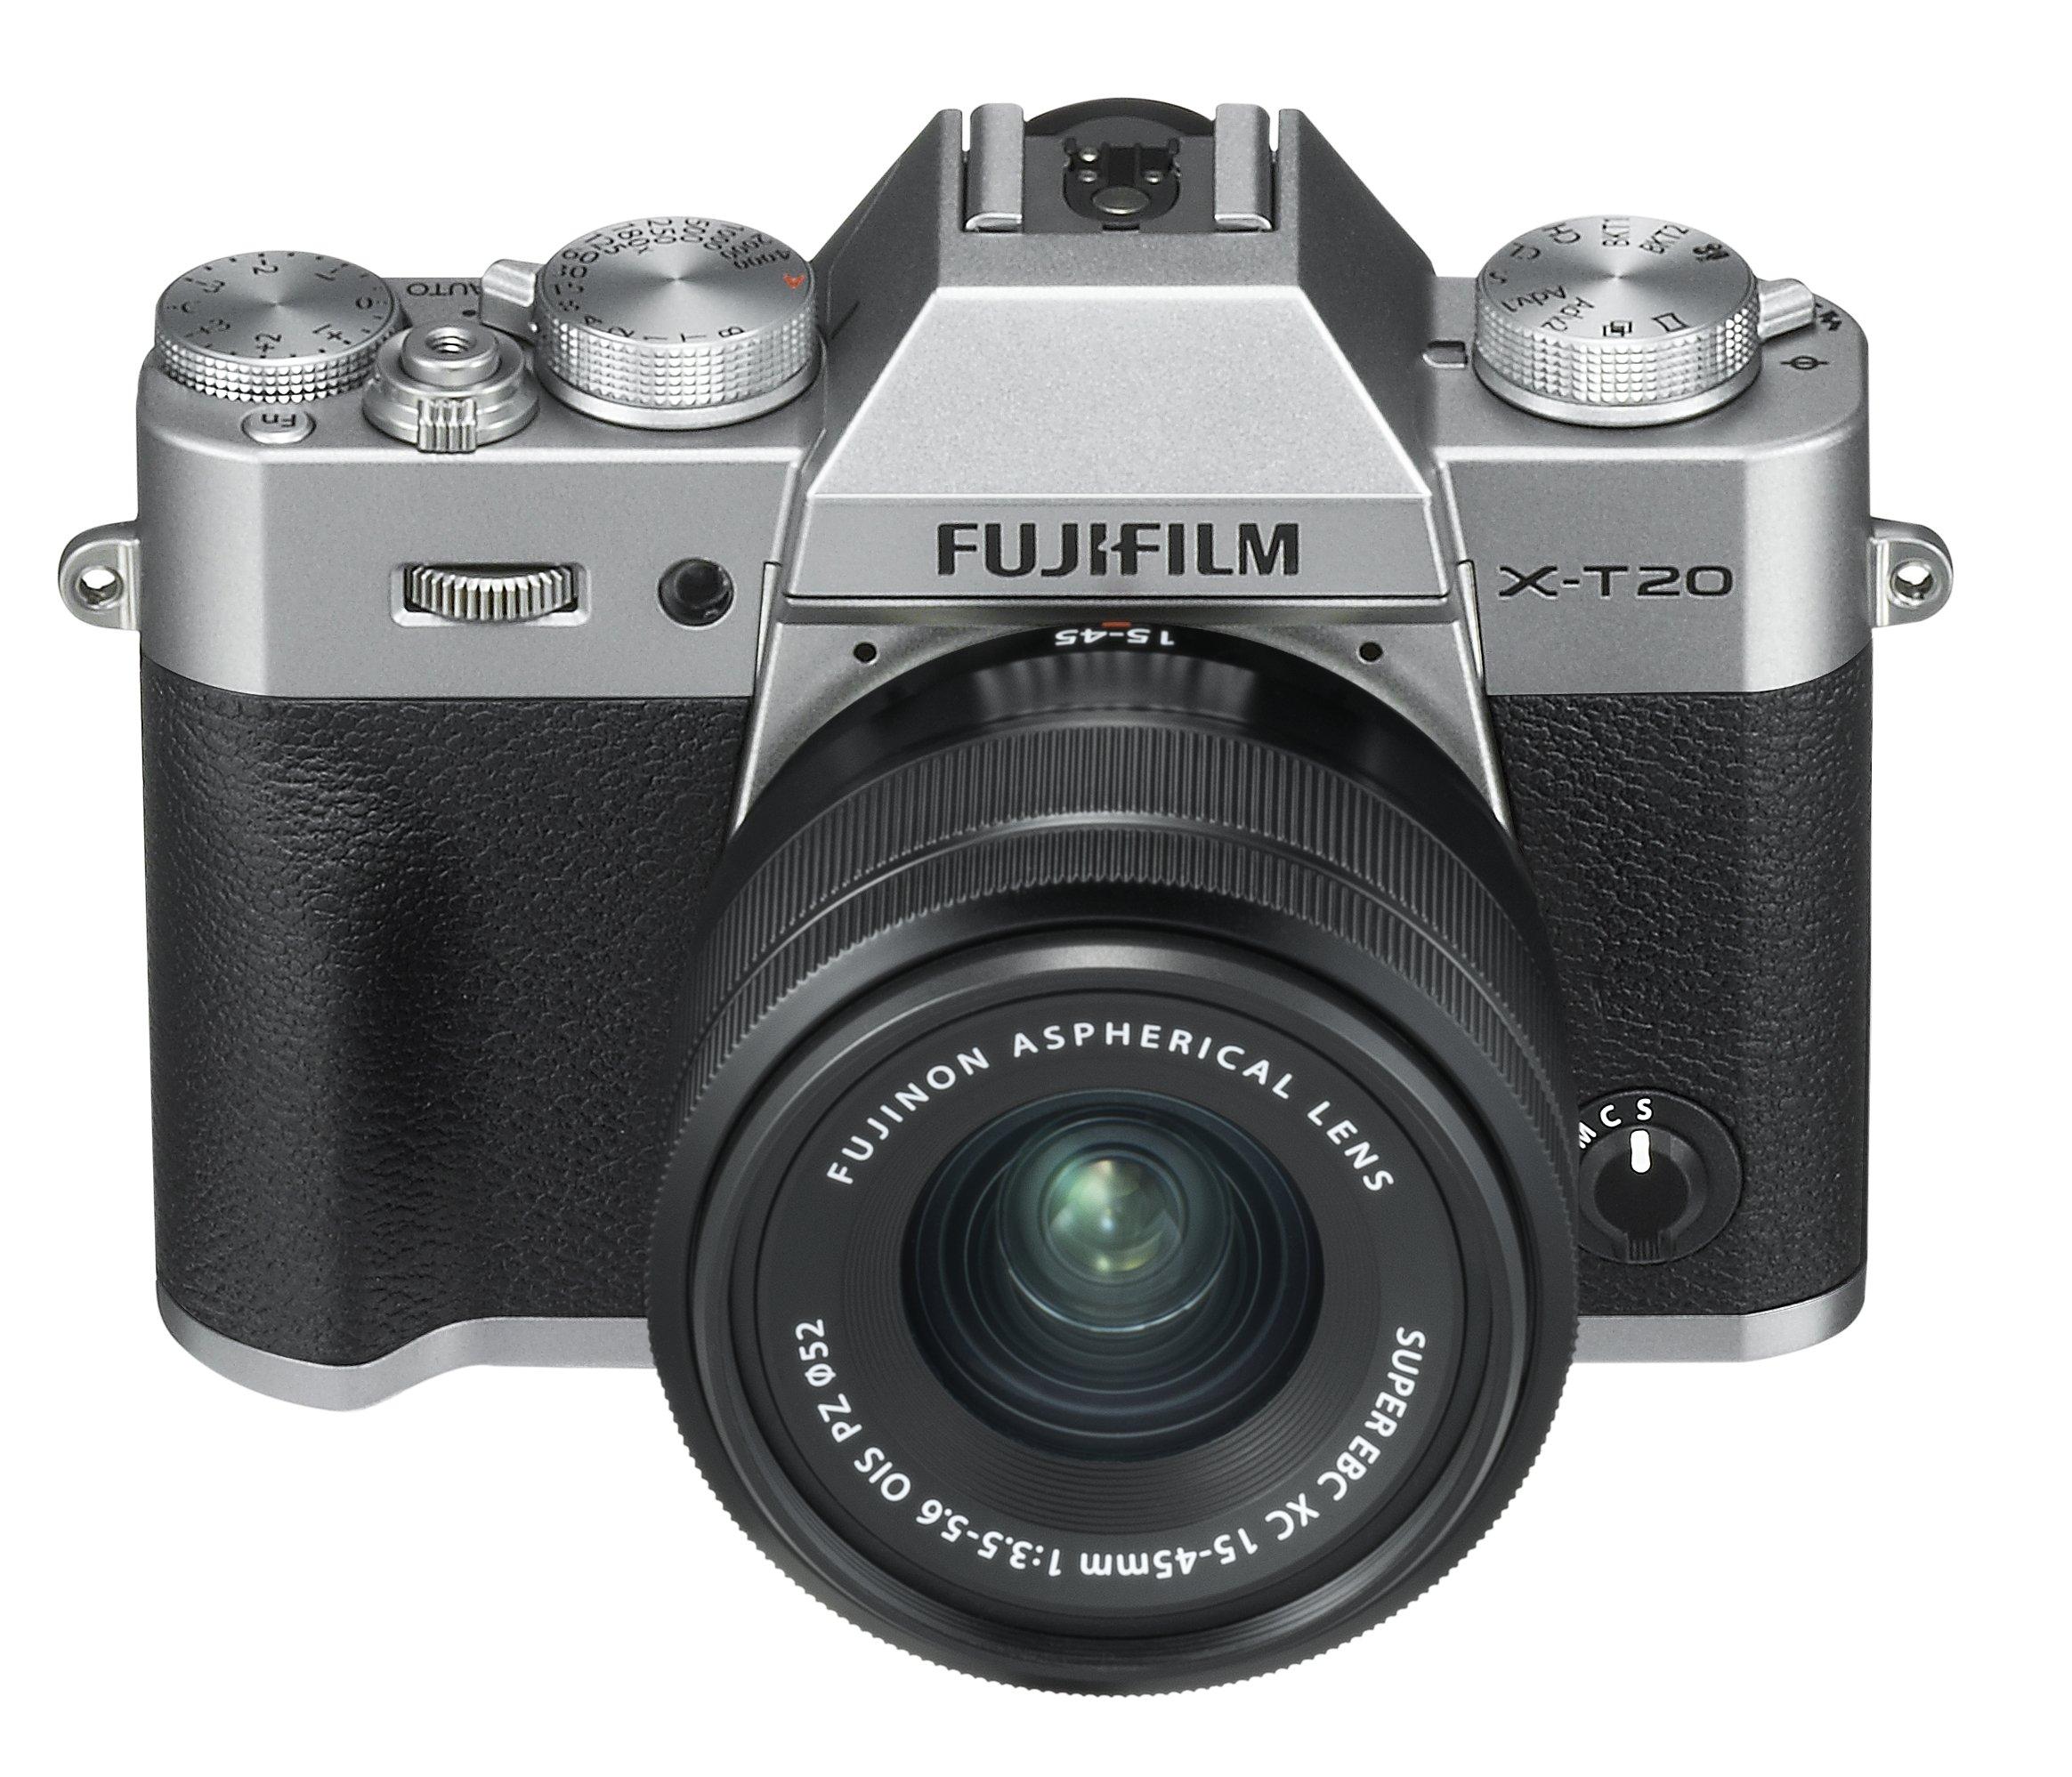 """Fujifilm X-T20 Silver Fotocamera Digitale 24MP con Obiettivo XC15-45mm F3.5-5.6 OIS PZ, Sensore CMOS X-Trans III APS-C, Mirino EVF, Schermo LCD Touchscreen 3\"""" Orientabile, Filmati 4K, Argento product image"""